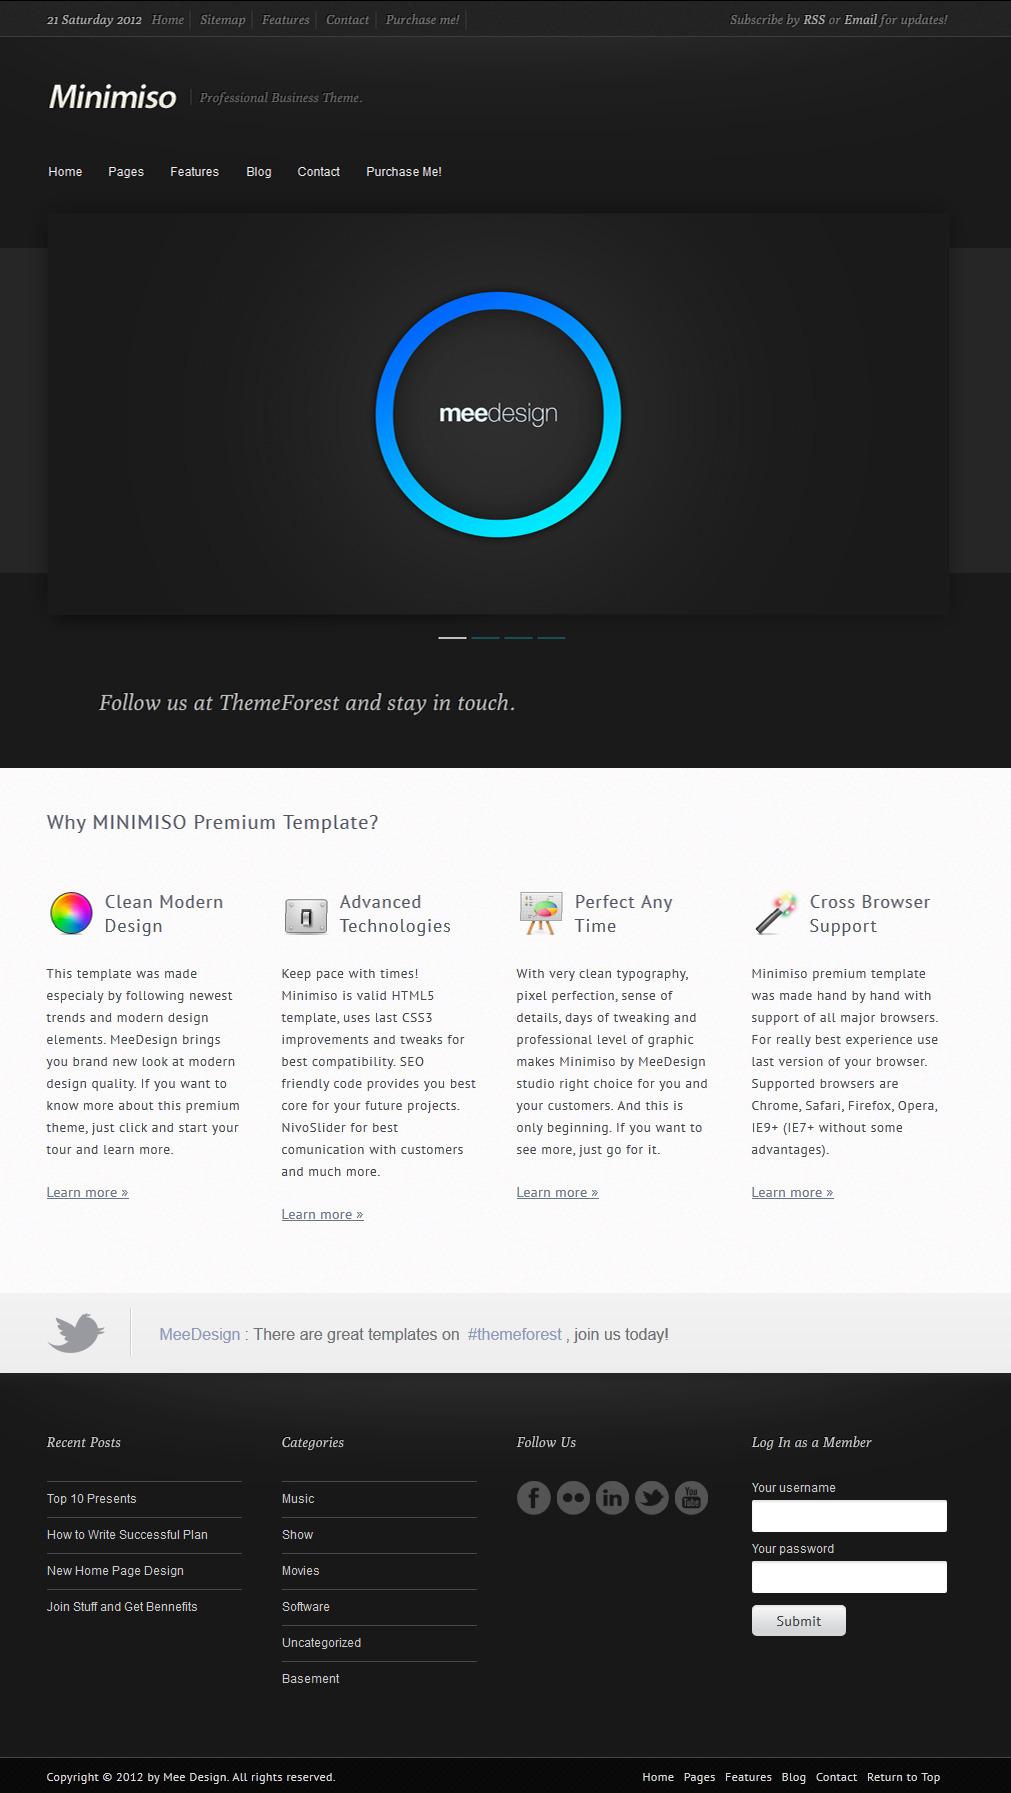 Minimiso - Premium Business Template